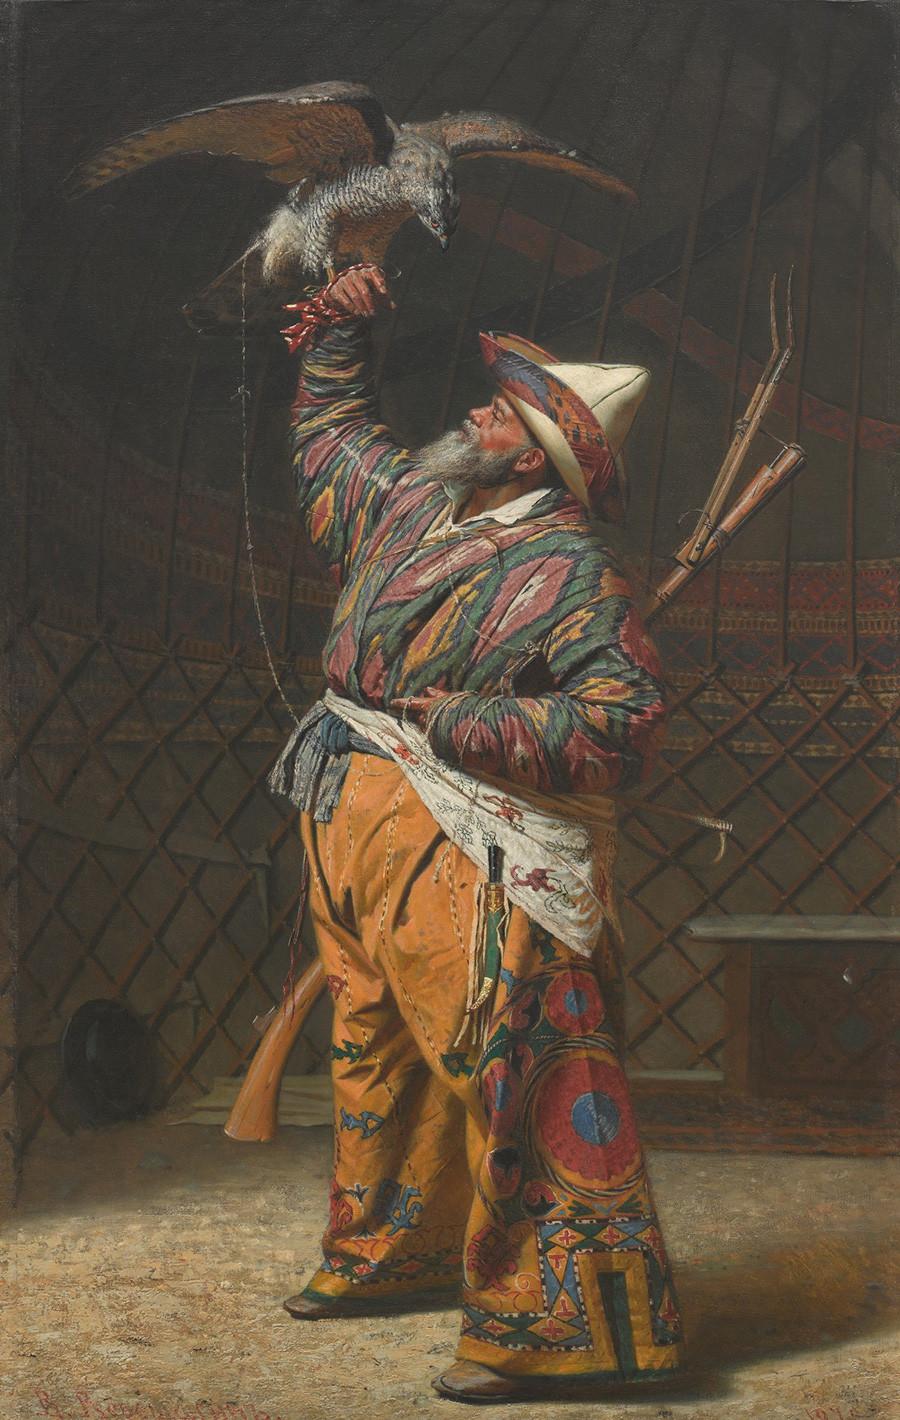 《拥有猎鹰的富有吉尔吉斯猎人》,1871 年 / 特列季亚科夫画廊